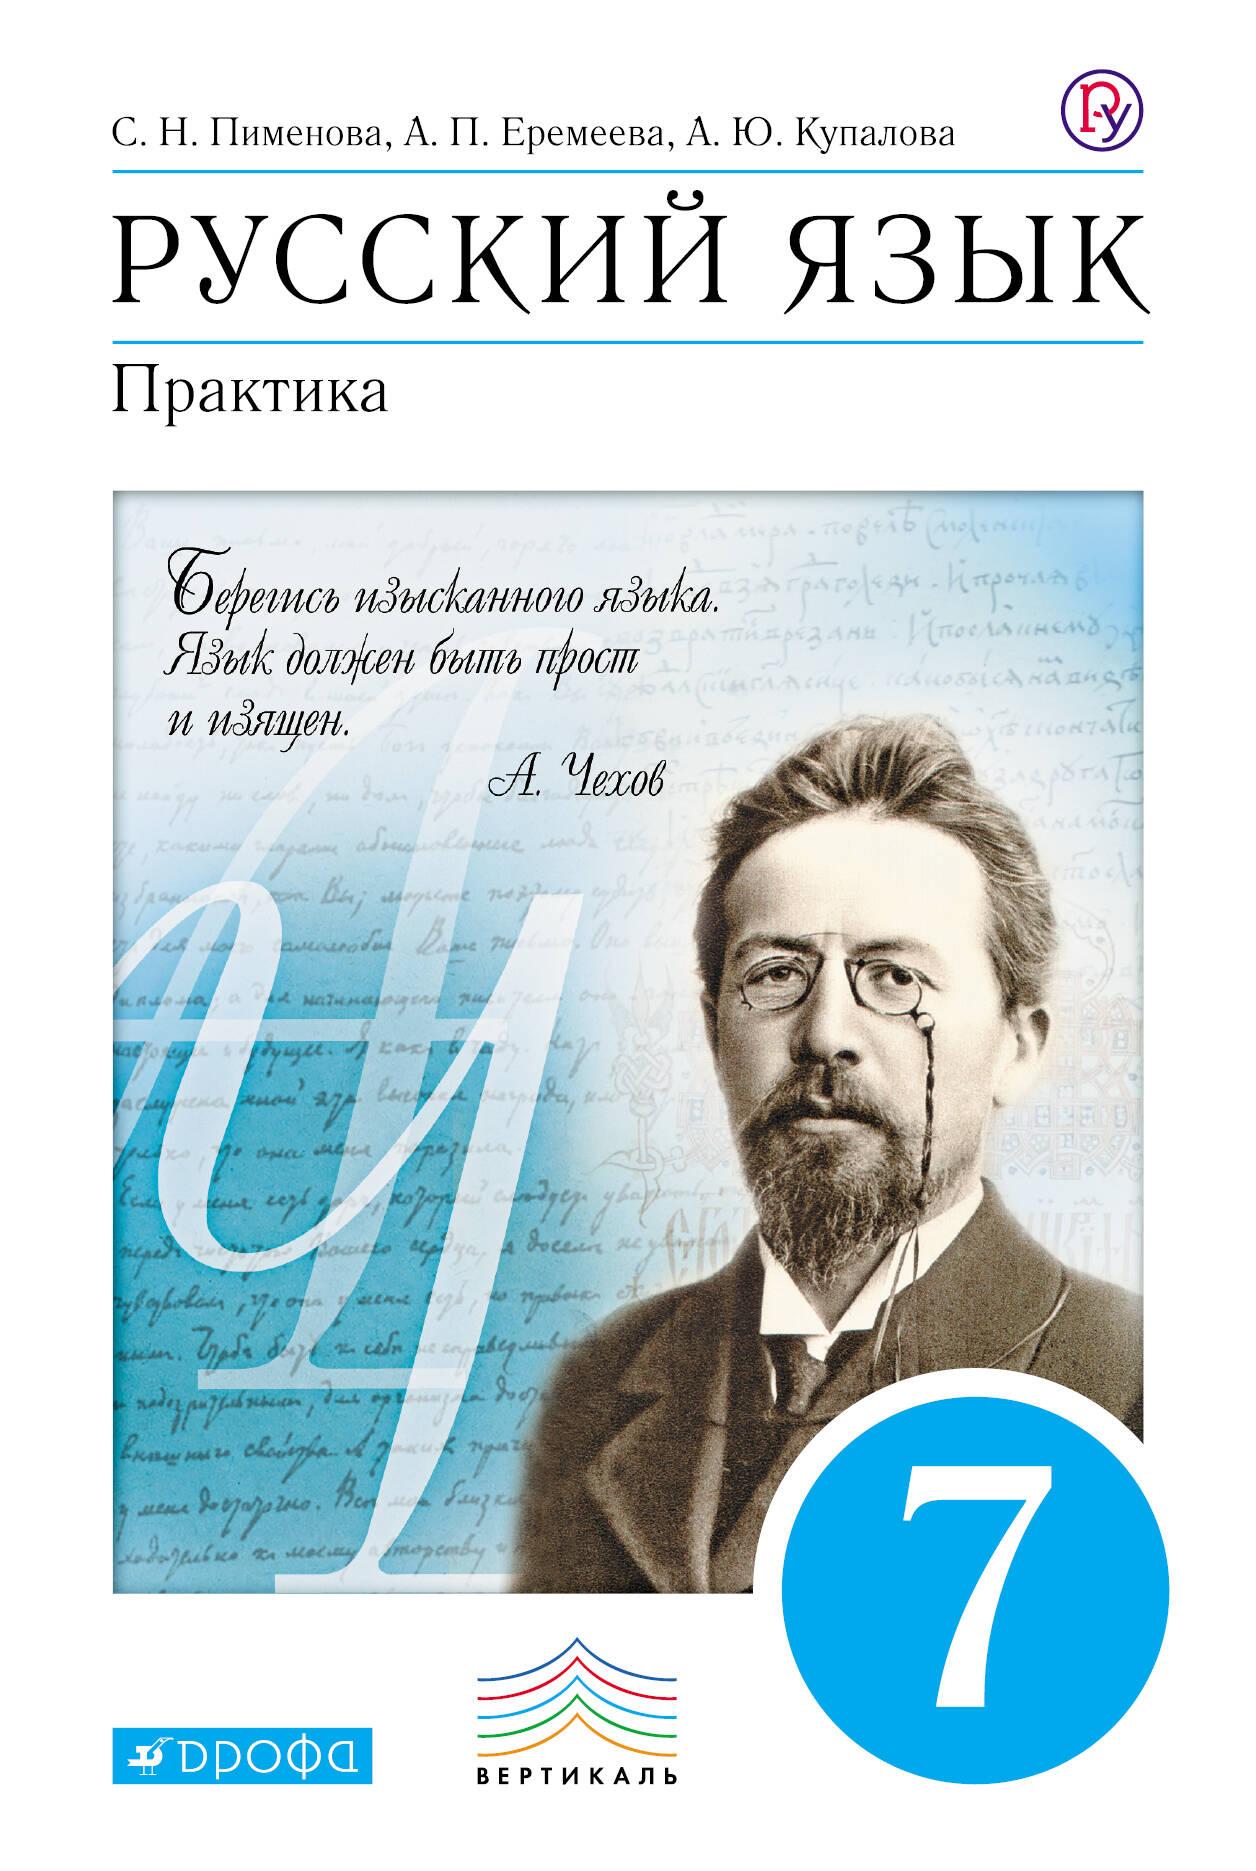 Учебник русского языка 7 класс читать людмин орлова